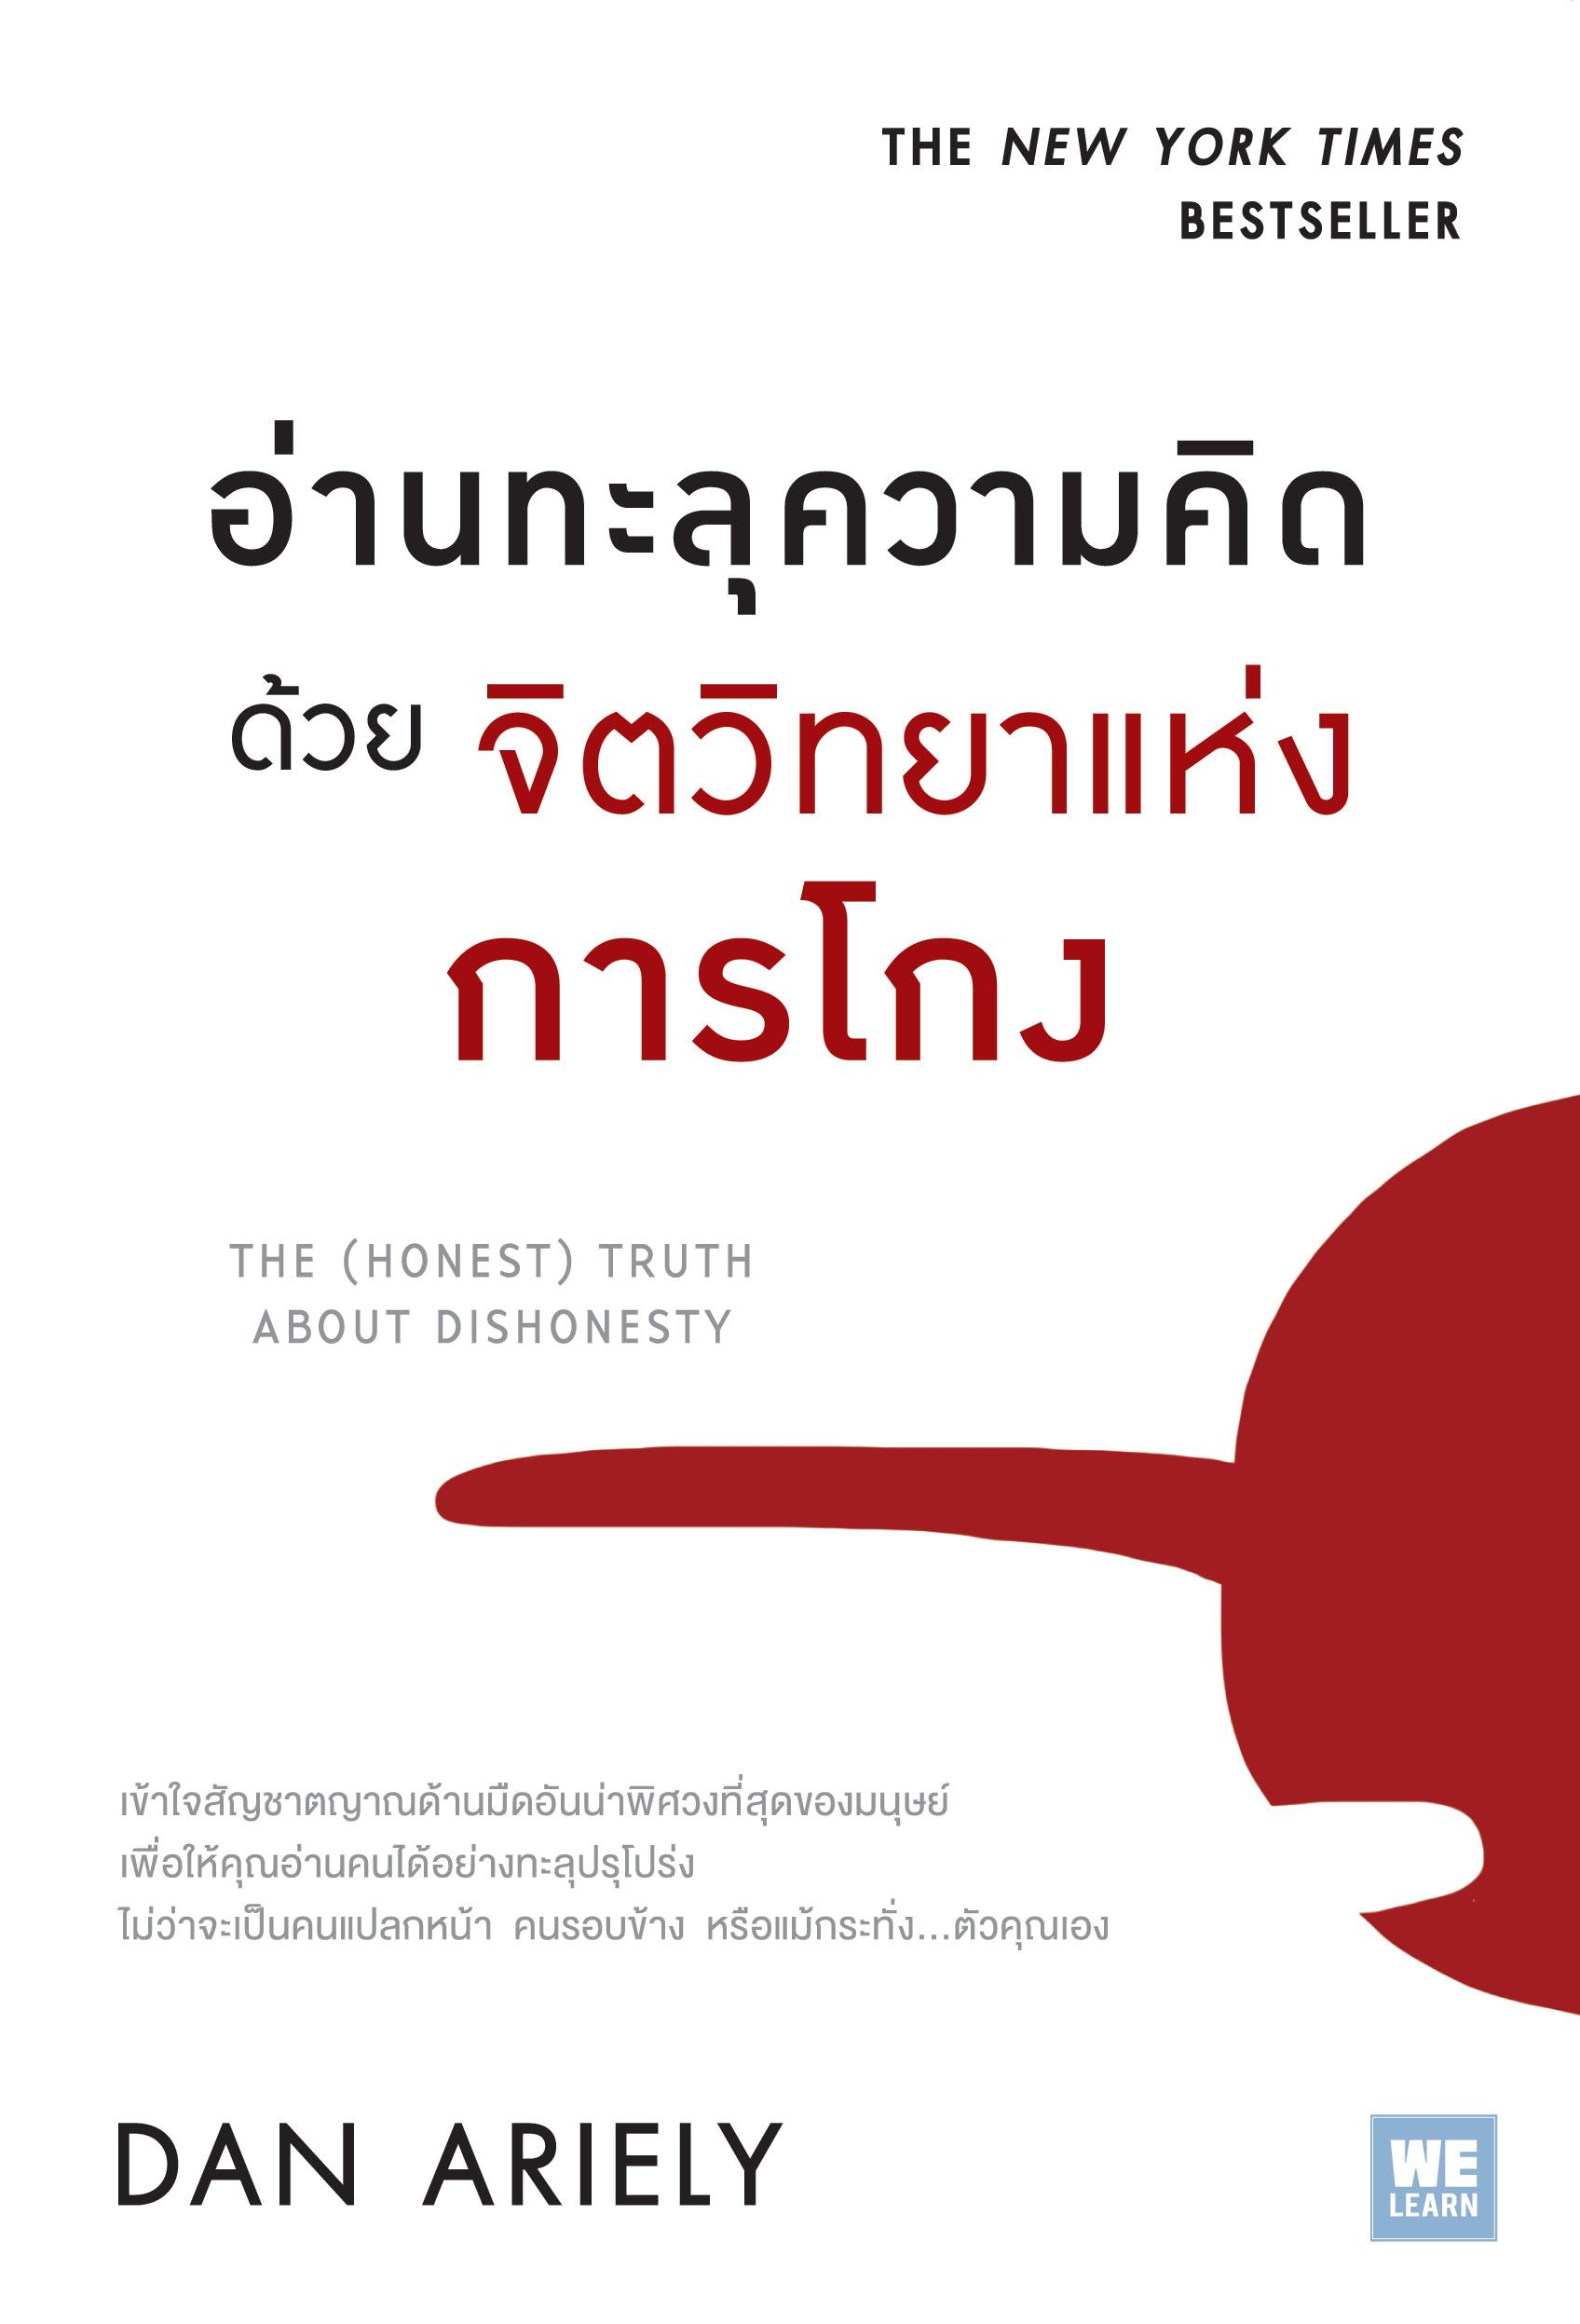 อ่านทะลุความคิดด้วยจิตวิทยาแห่งการโกง         (THE (HONEST) TRUTH ABOUT DISHONESTY)